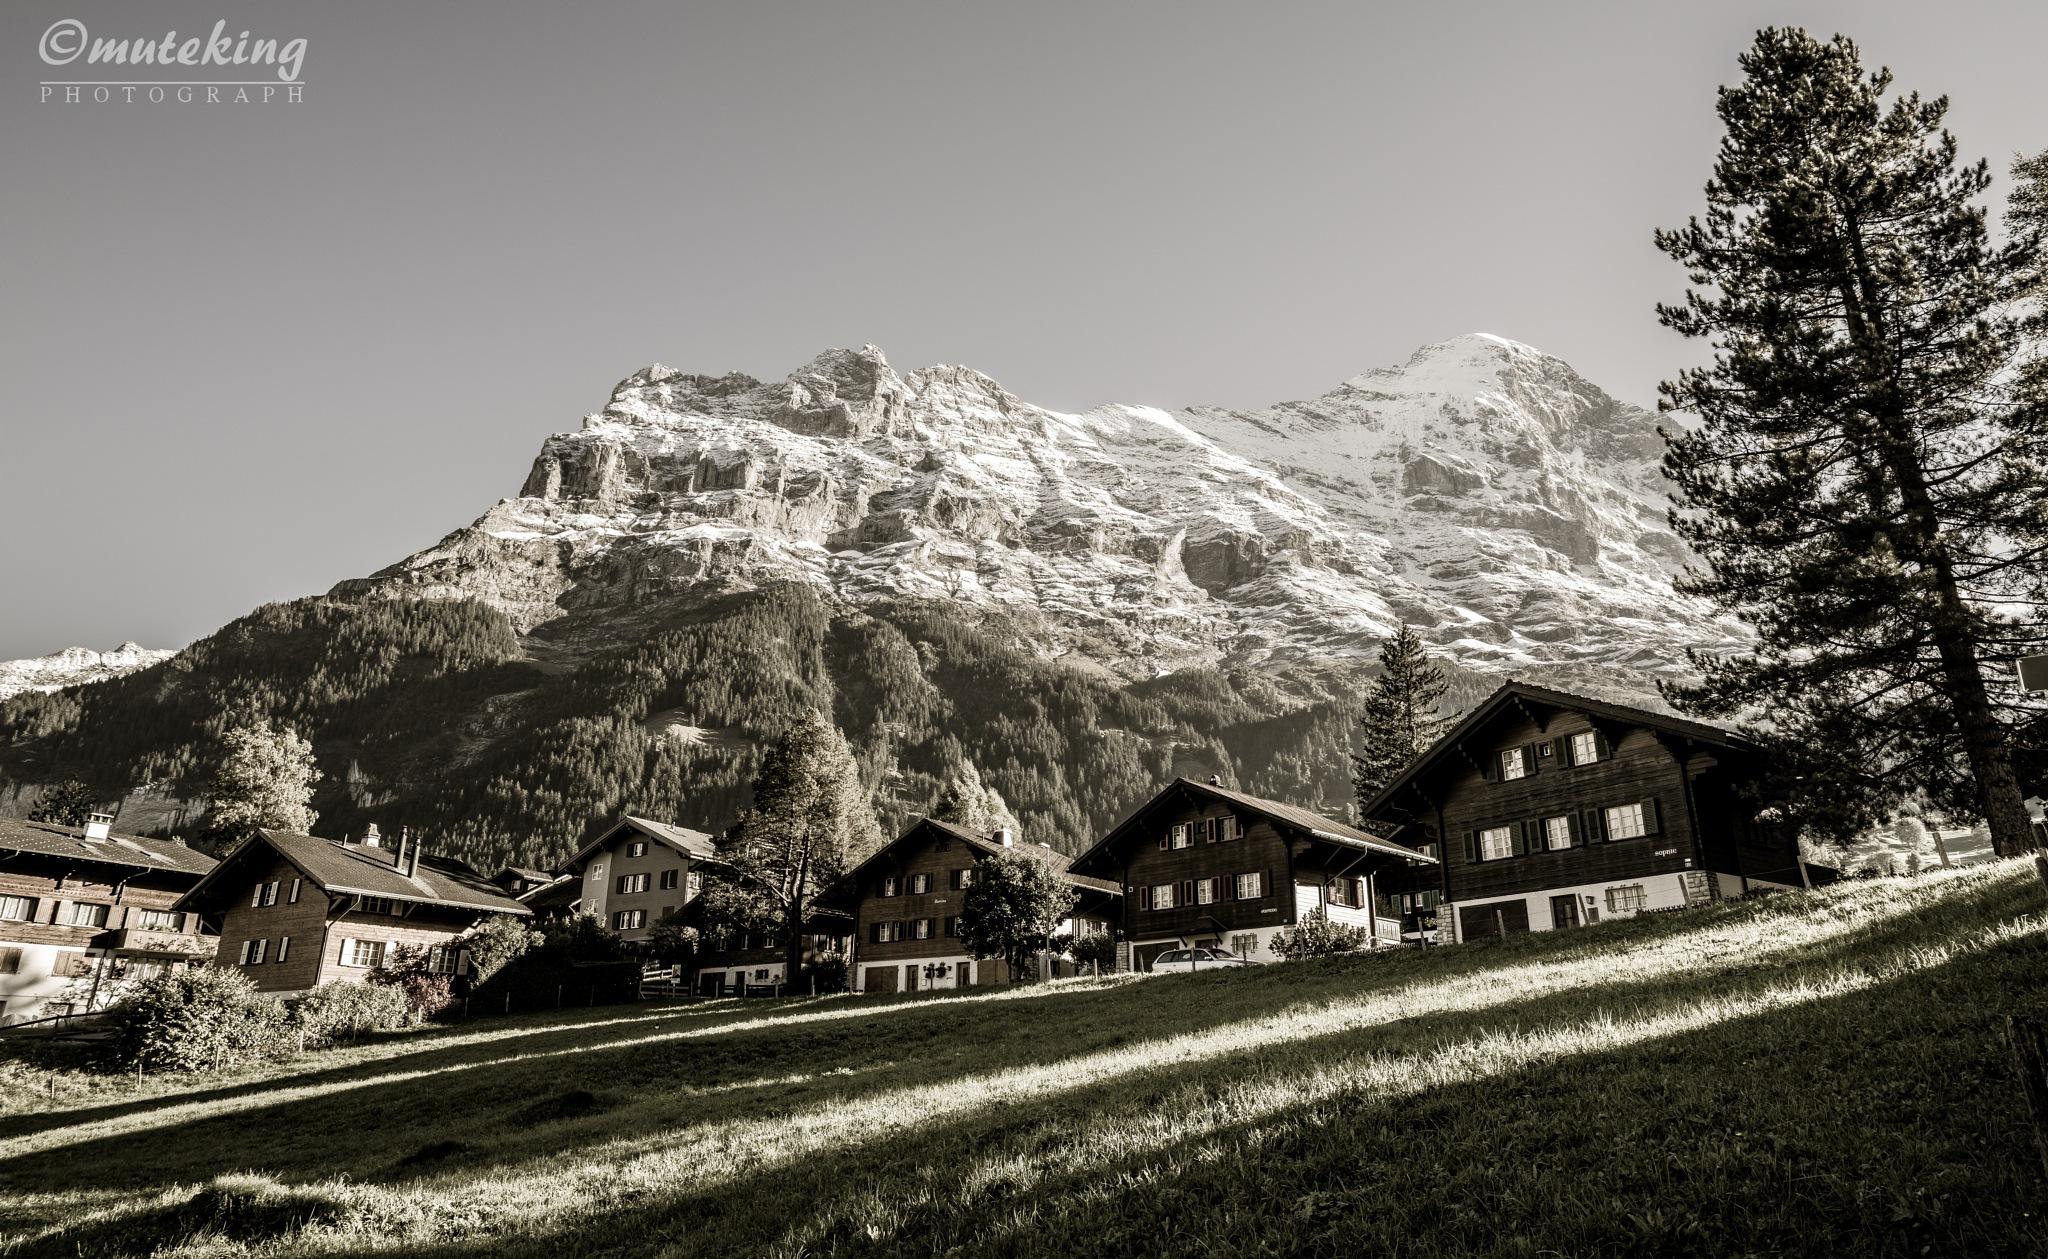 Winter before mountain landscape by muteking